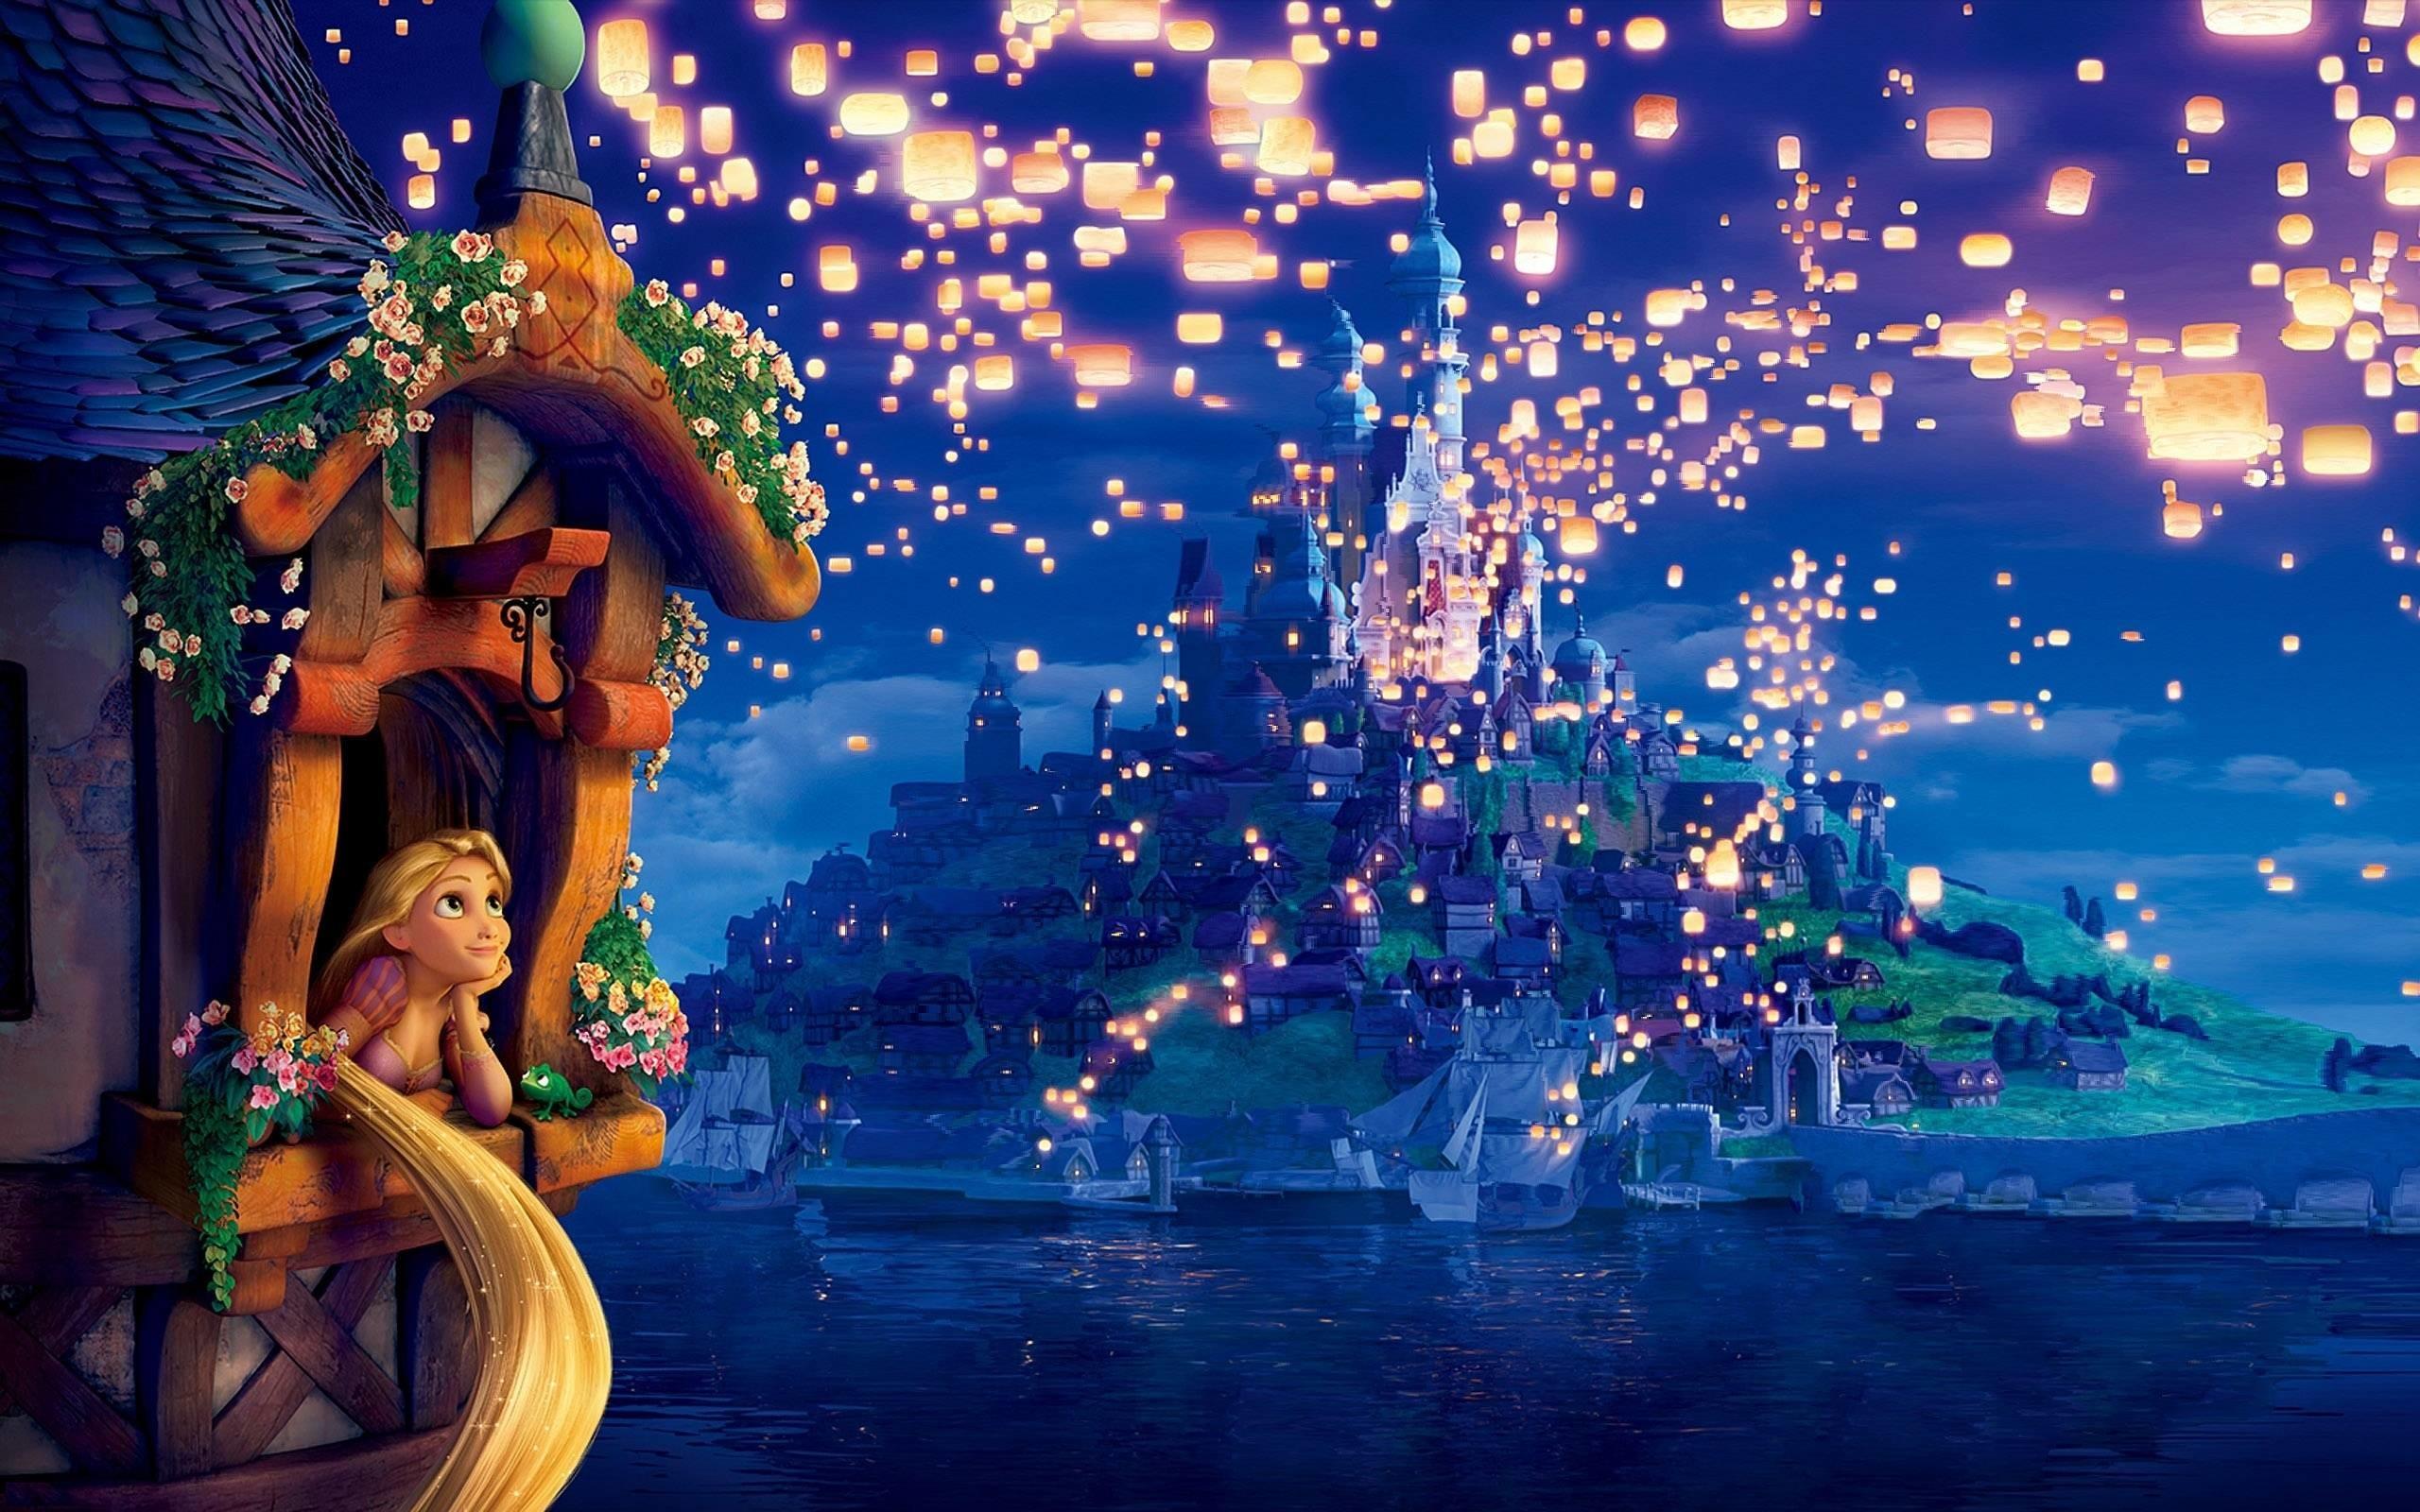 Disney Tangled Wallpaper ·① for Tangled Wallpaper Rapunzel And Flynn  150ifm